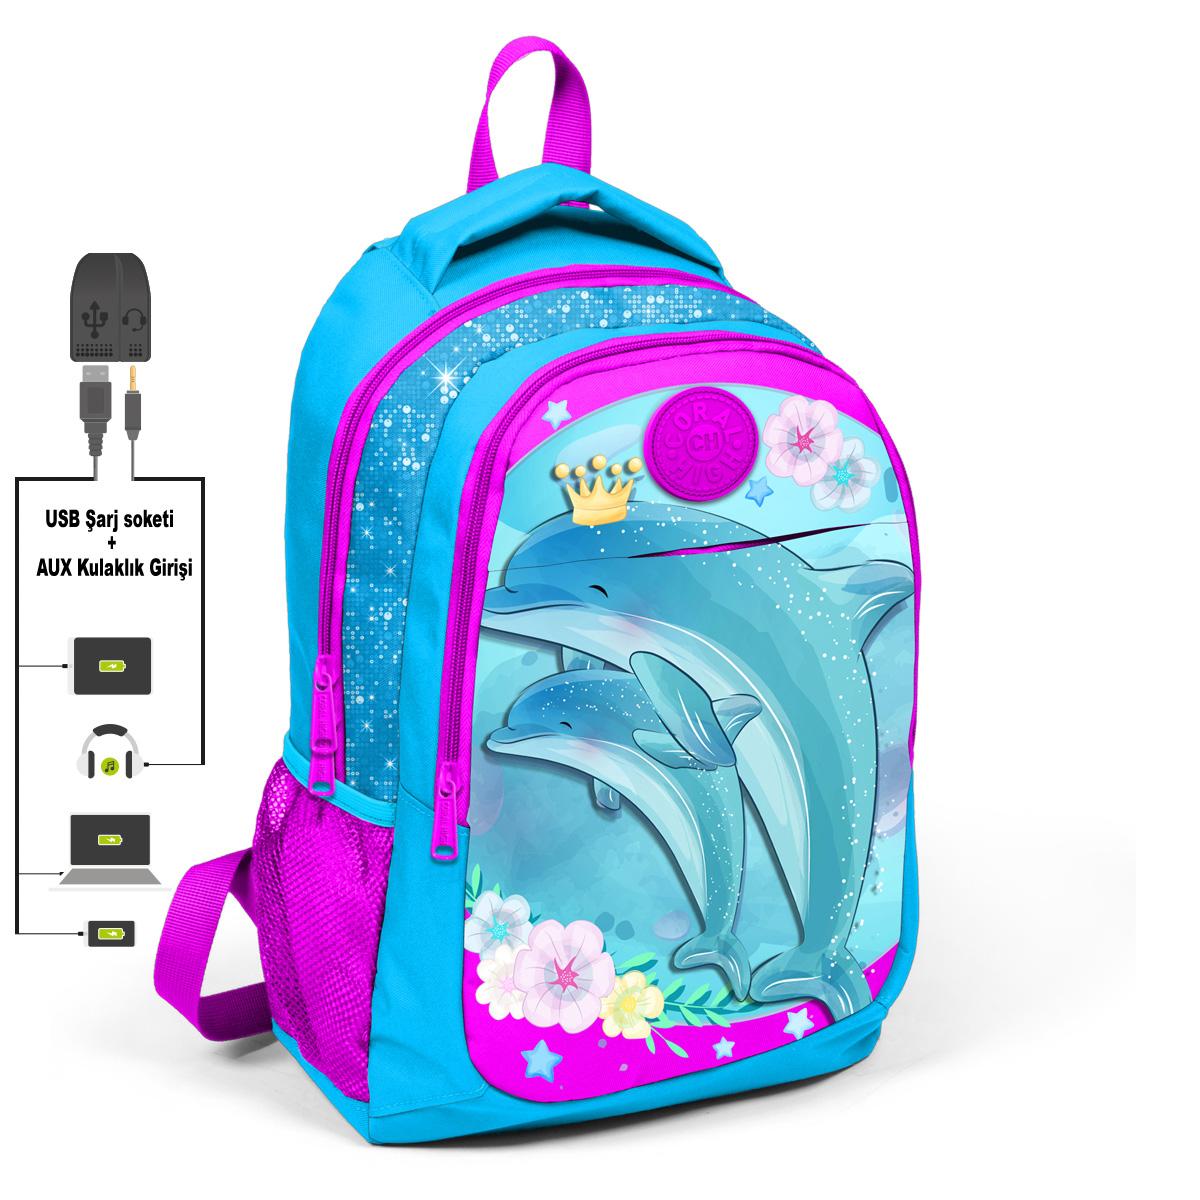 Coral High KIDS - Coral High Kids Mavi Yunuslu Üç Bölmeli USB Şarjlı Kulaklık Çıkışlı Sırt Çantası